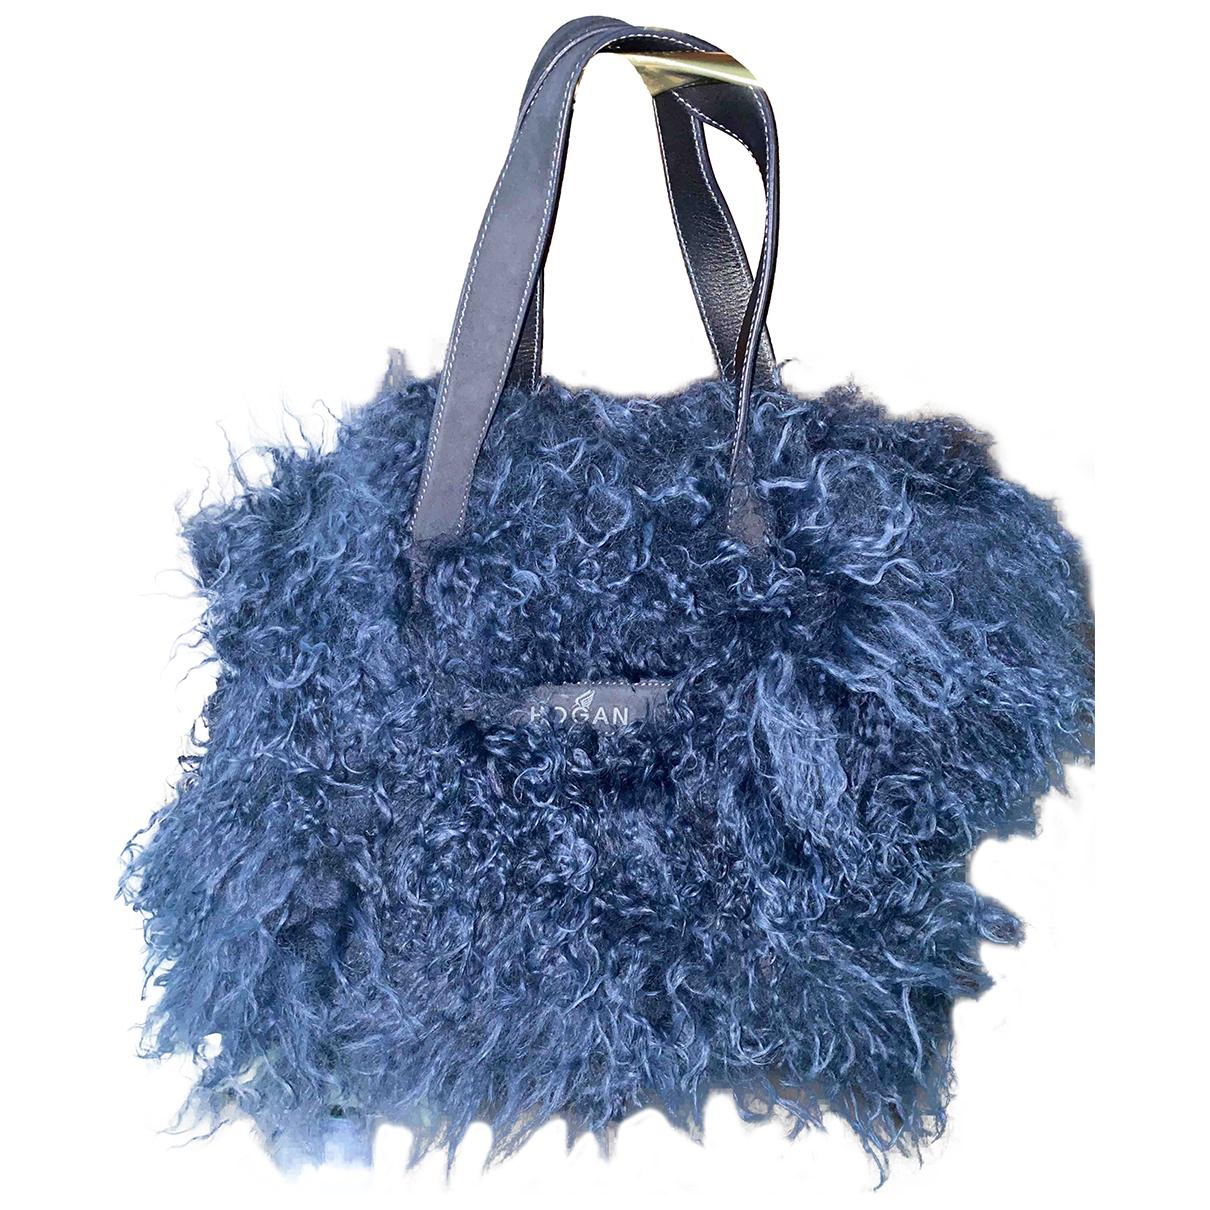 Hogan - Sac a main   pour femme en laine - bleu